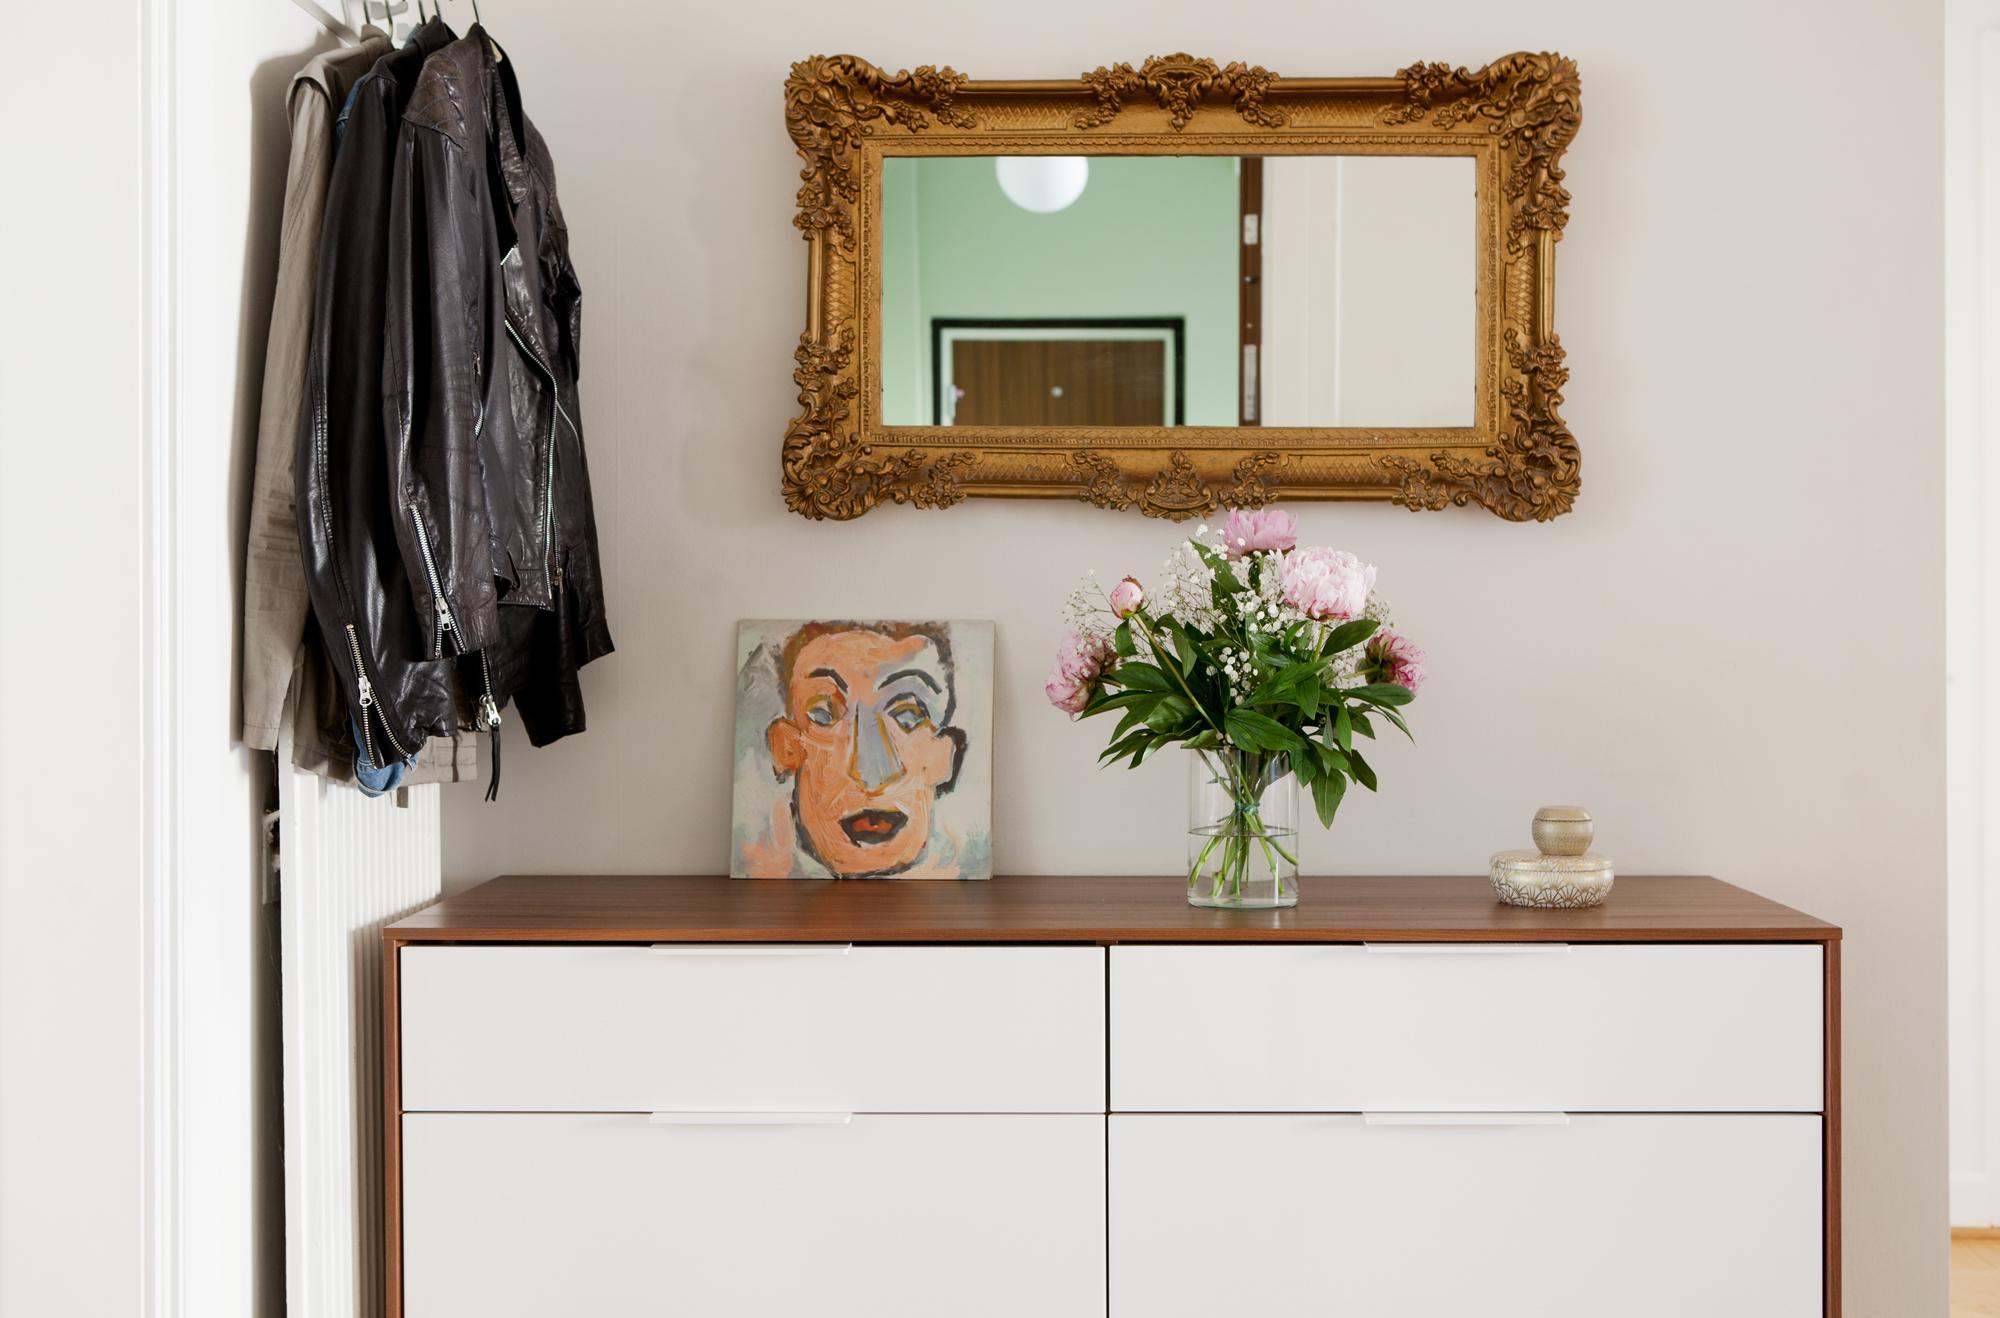 Горизонтальное зеркало в рамке в прихожей